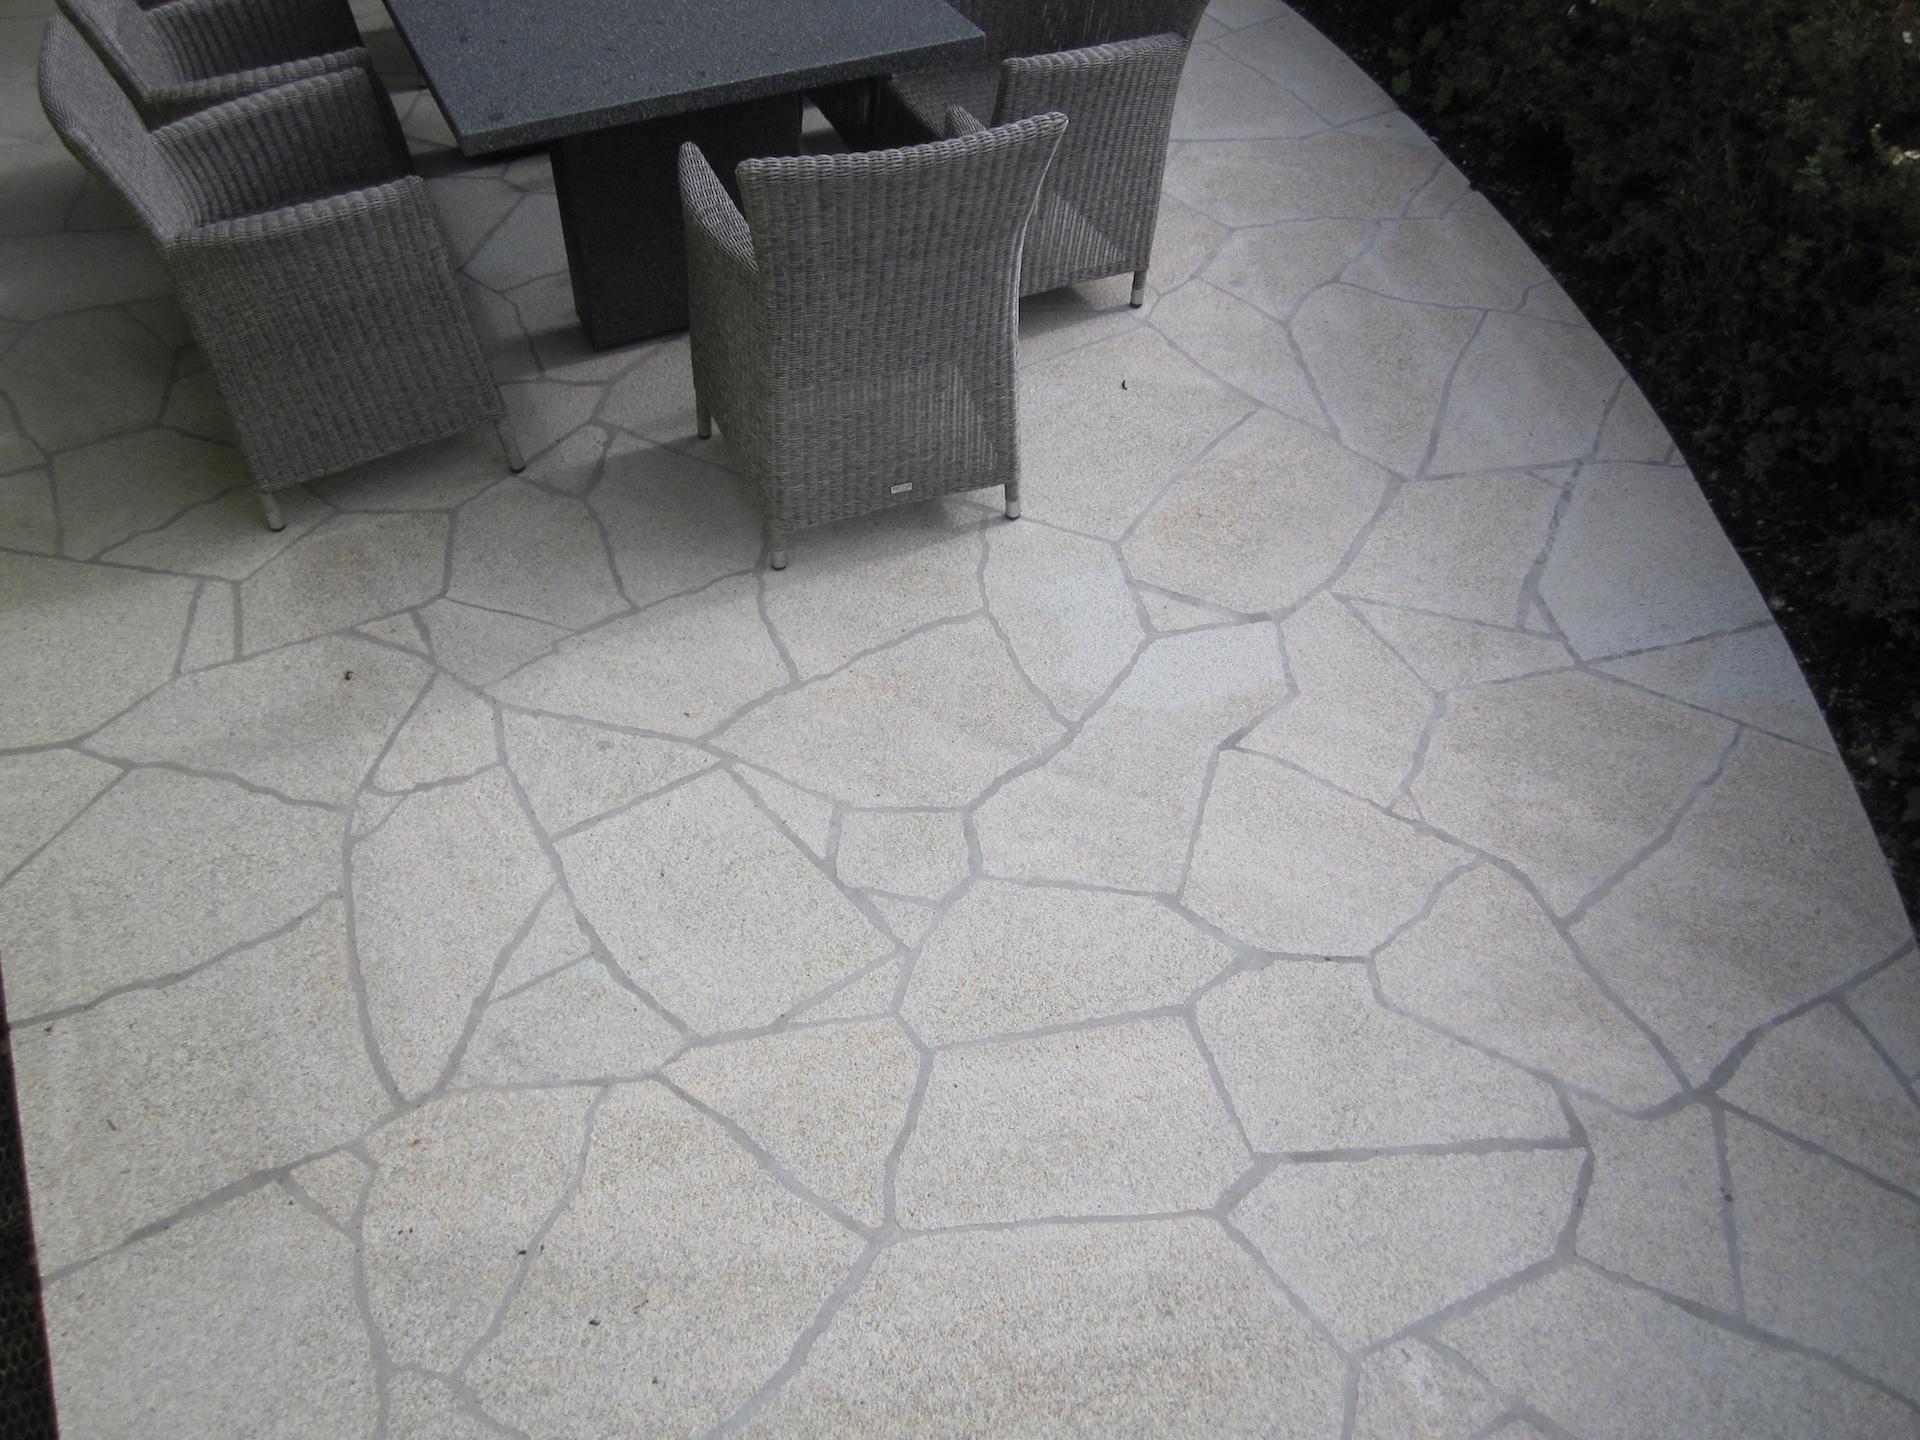 Natursteinterrasse - Polygonalverlegung